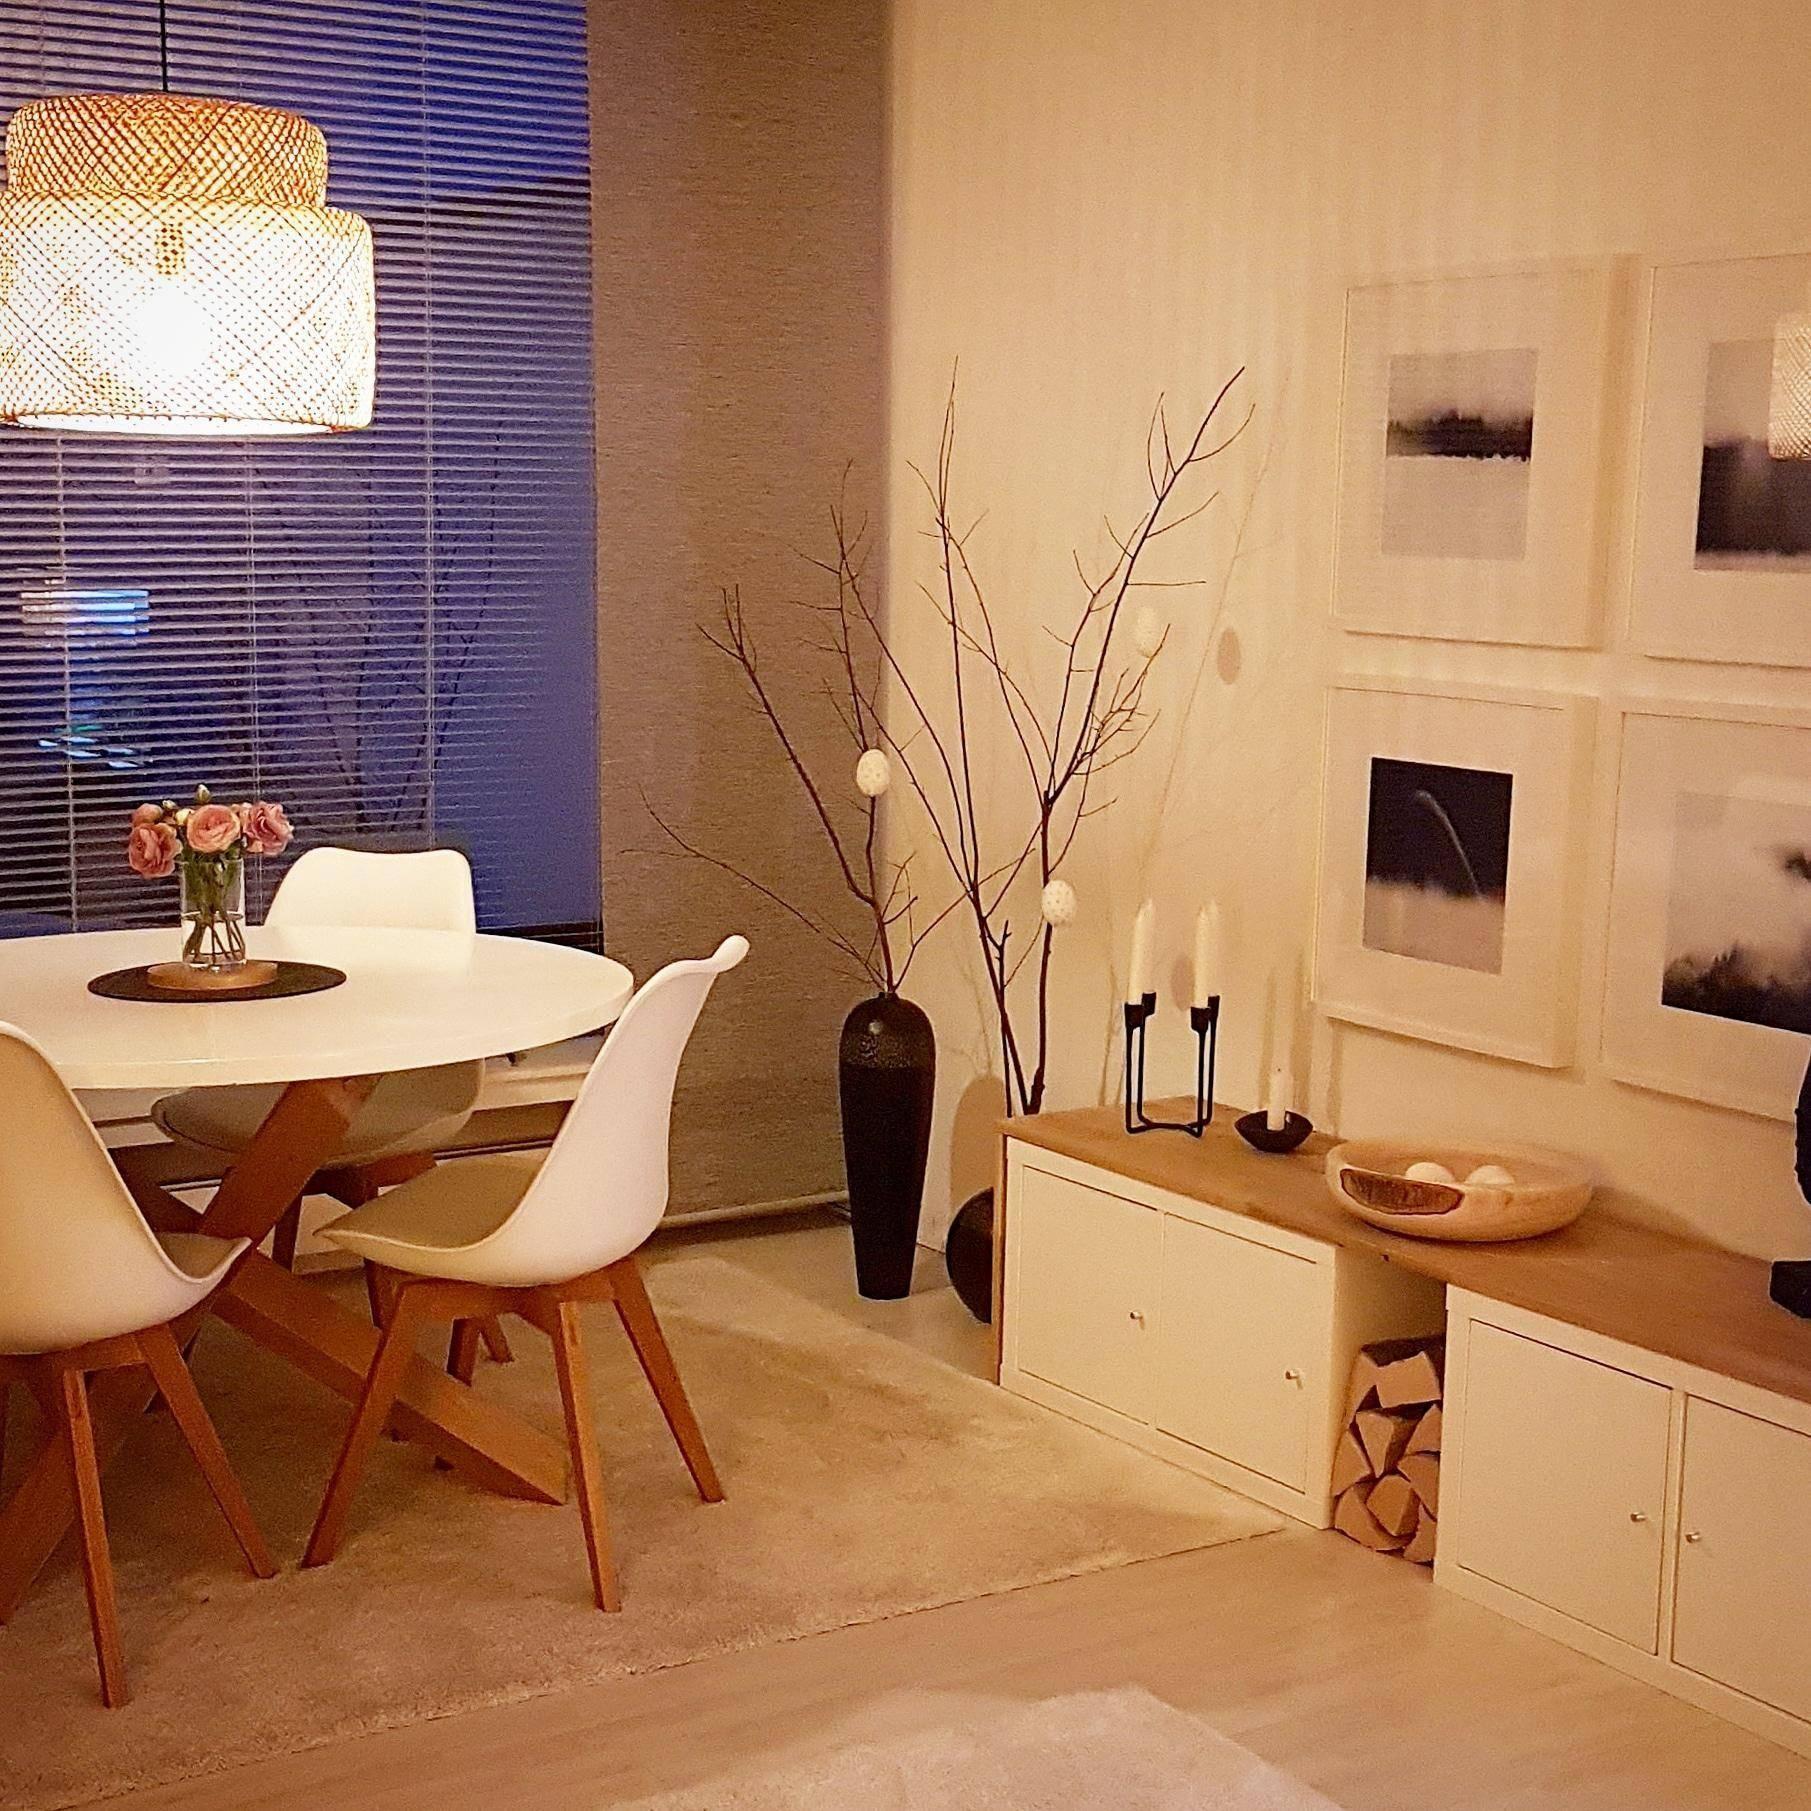 Full Size of Ikea Wohnzimmer Lampe Lampen Haus Design Teppich Wandlampe Bad Esstisch Designer Gardinen Tischlampe Stehlampe Spiegellampe Deckenleuchte Hängeschrank Weiß Wohnzimmer Ikea Wohnzimmer Lampe